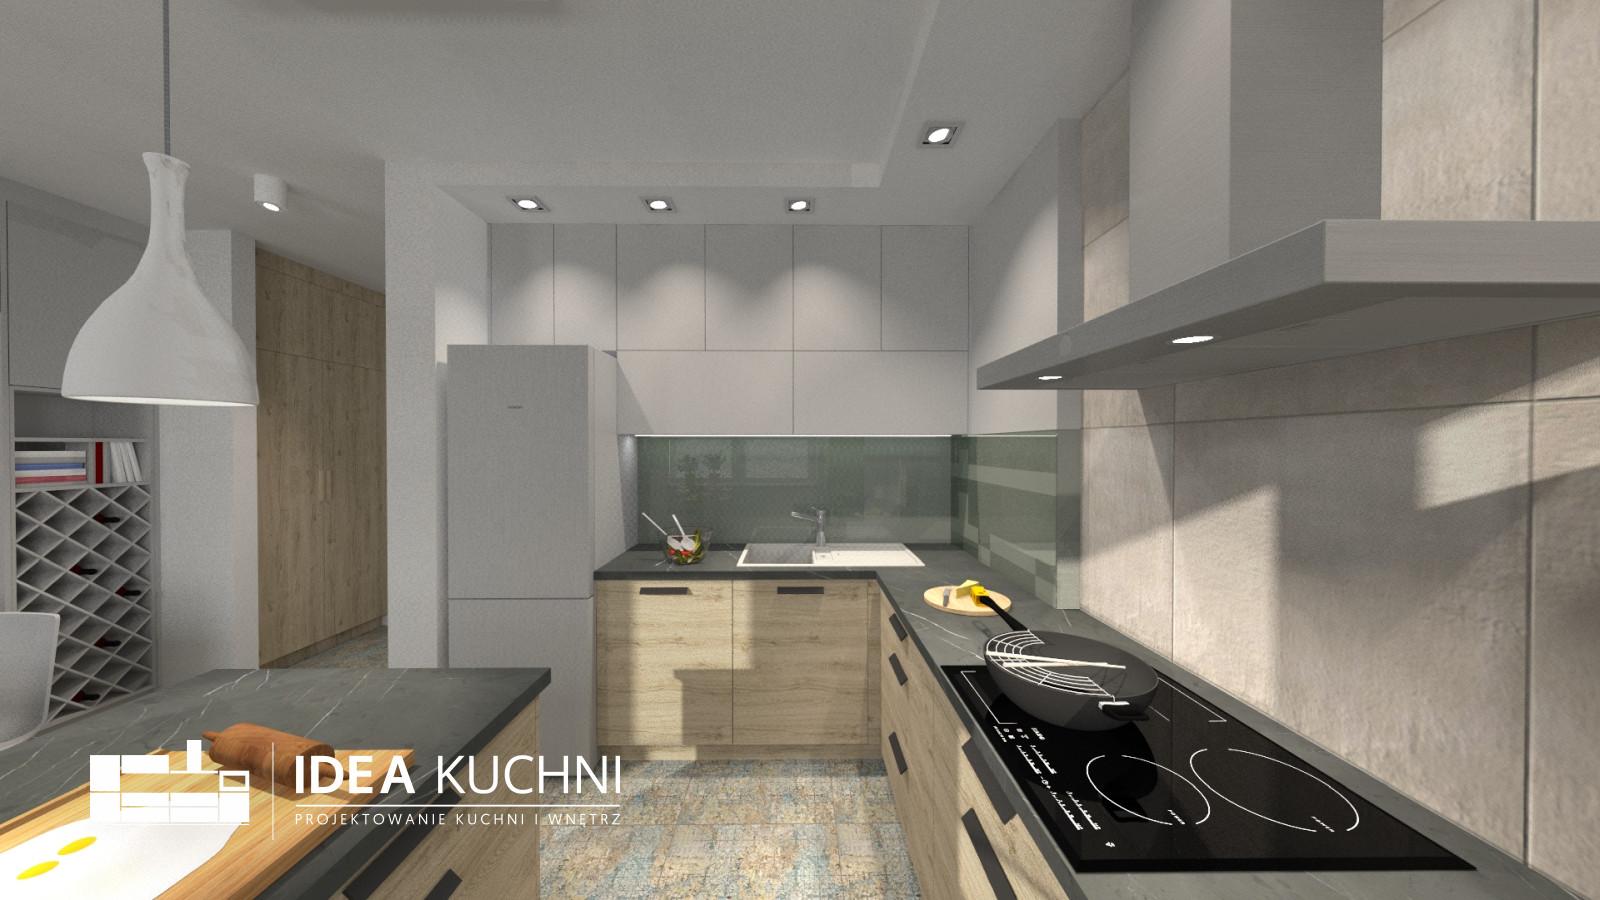 Nowoczesna kuchnia - Klaudyn - kuchnia z płyt egger